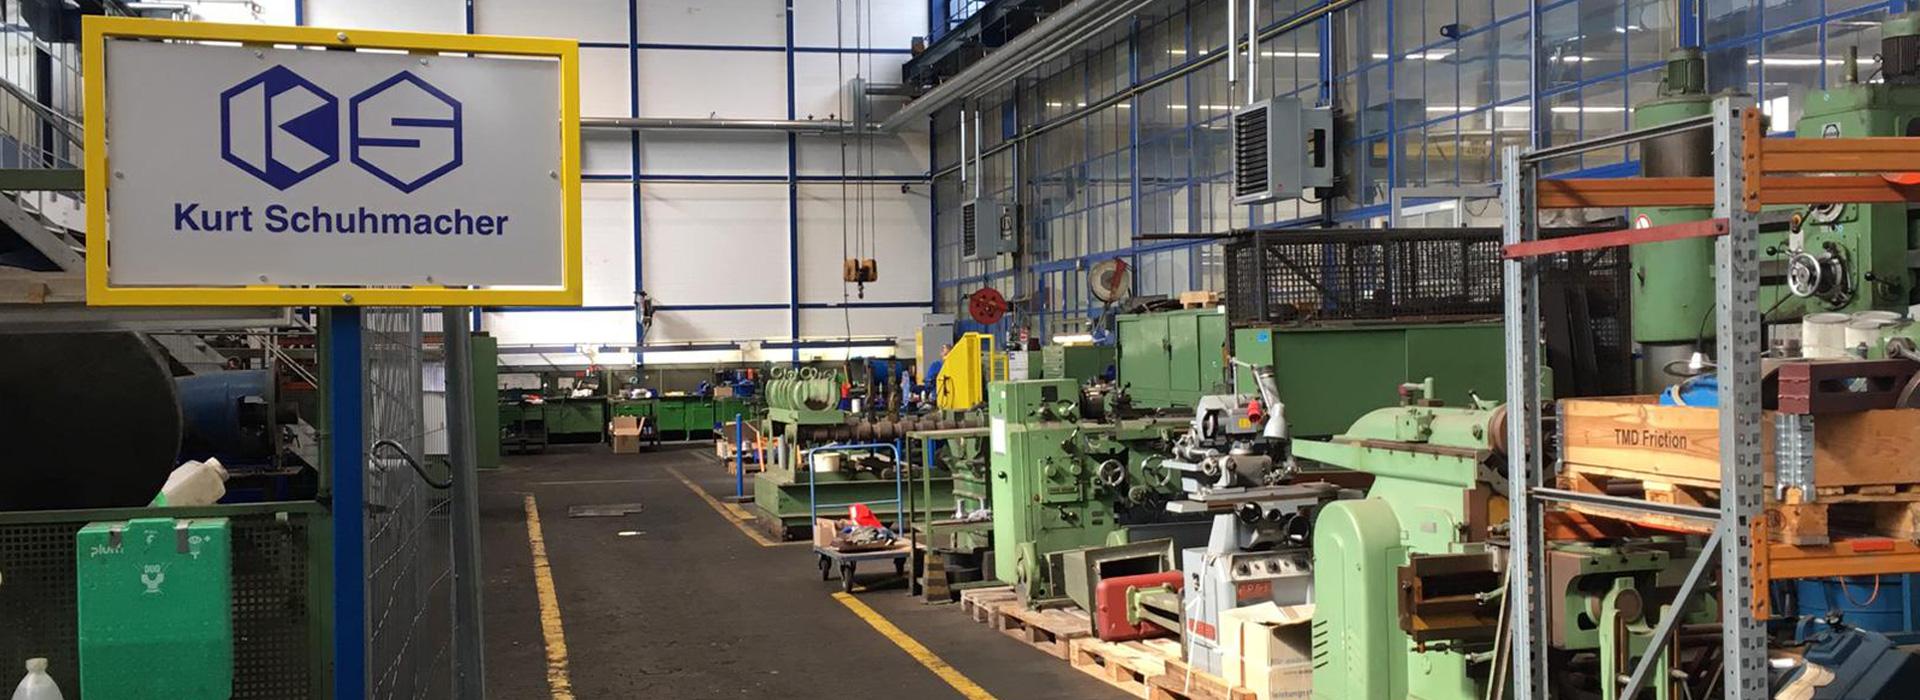 Kurt Schuhmacher Industriemontagen Werkstatt beim RWE